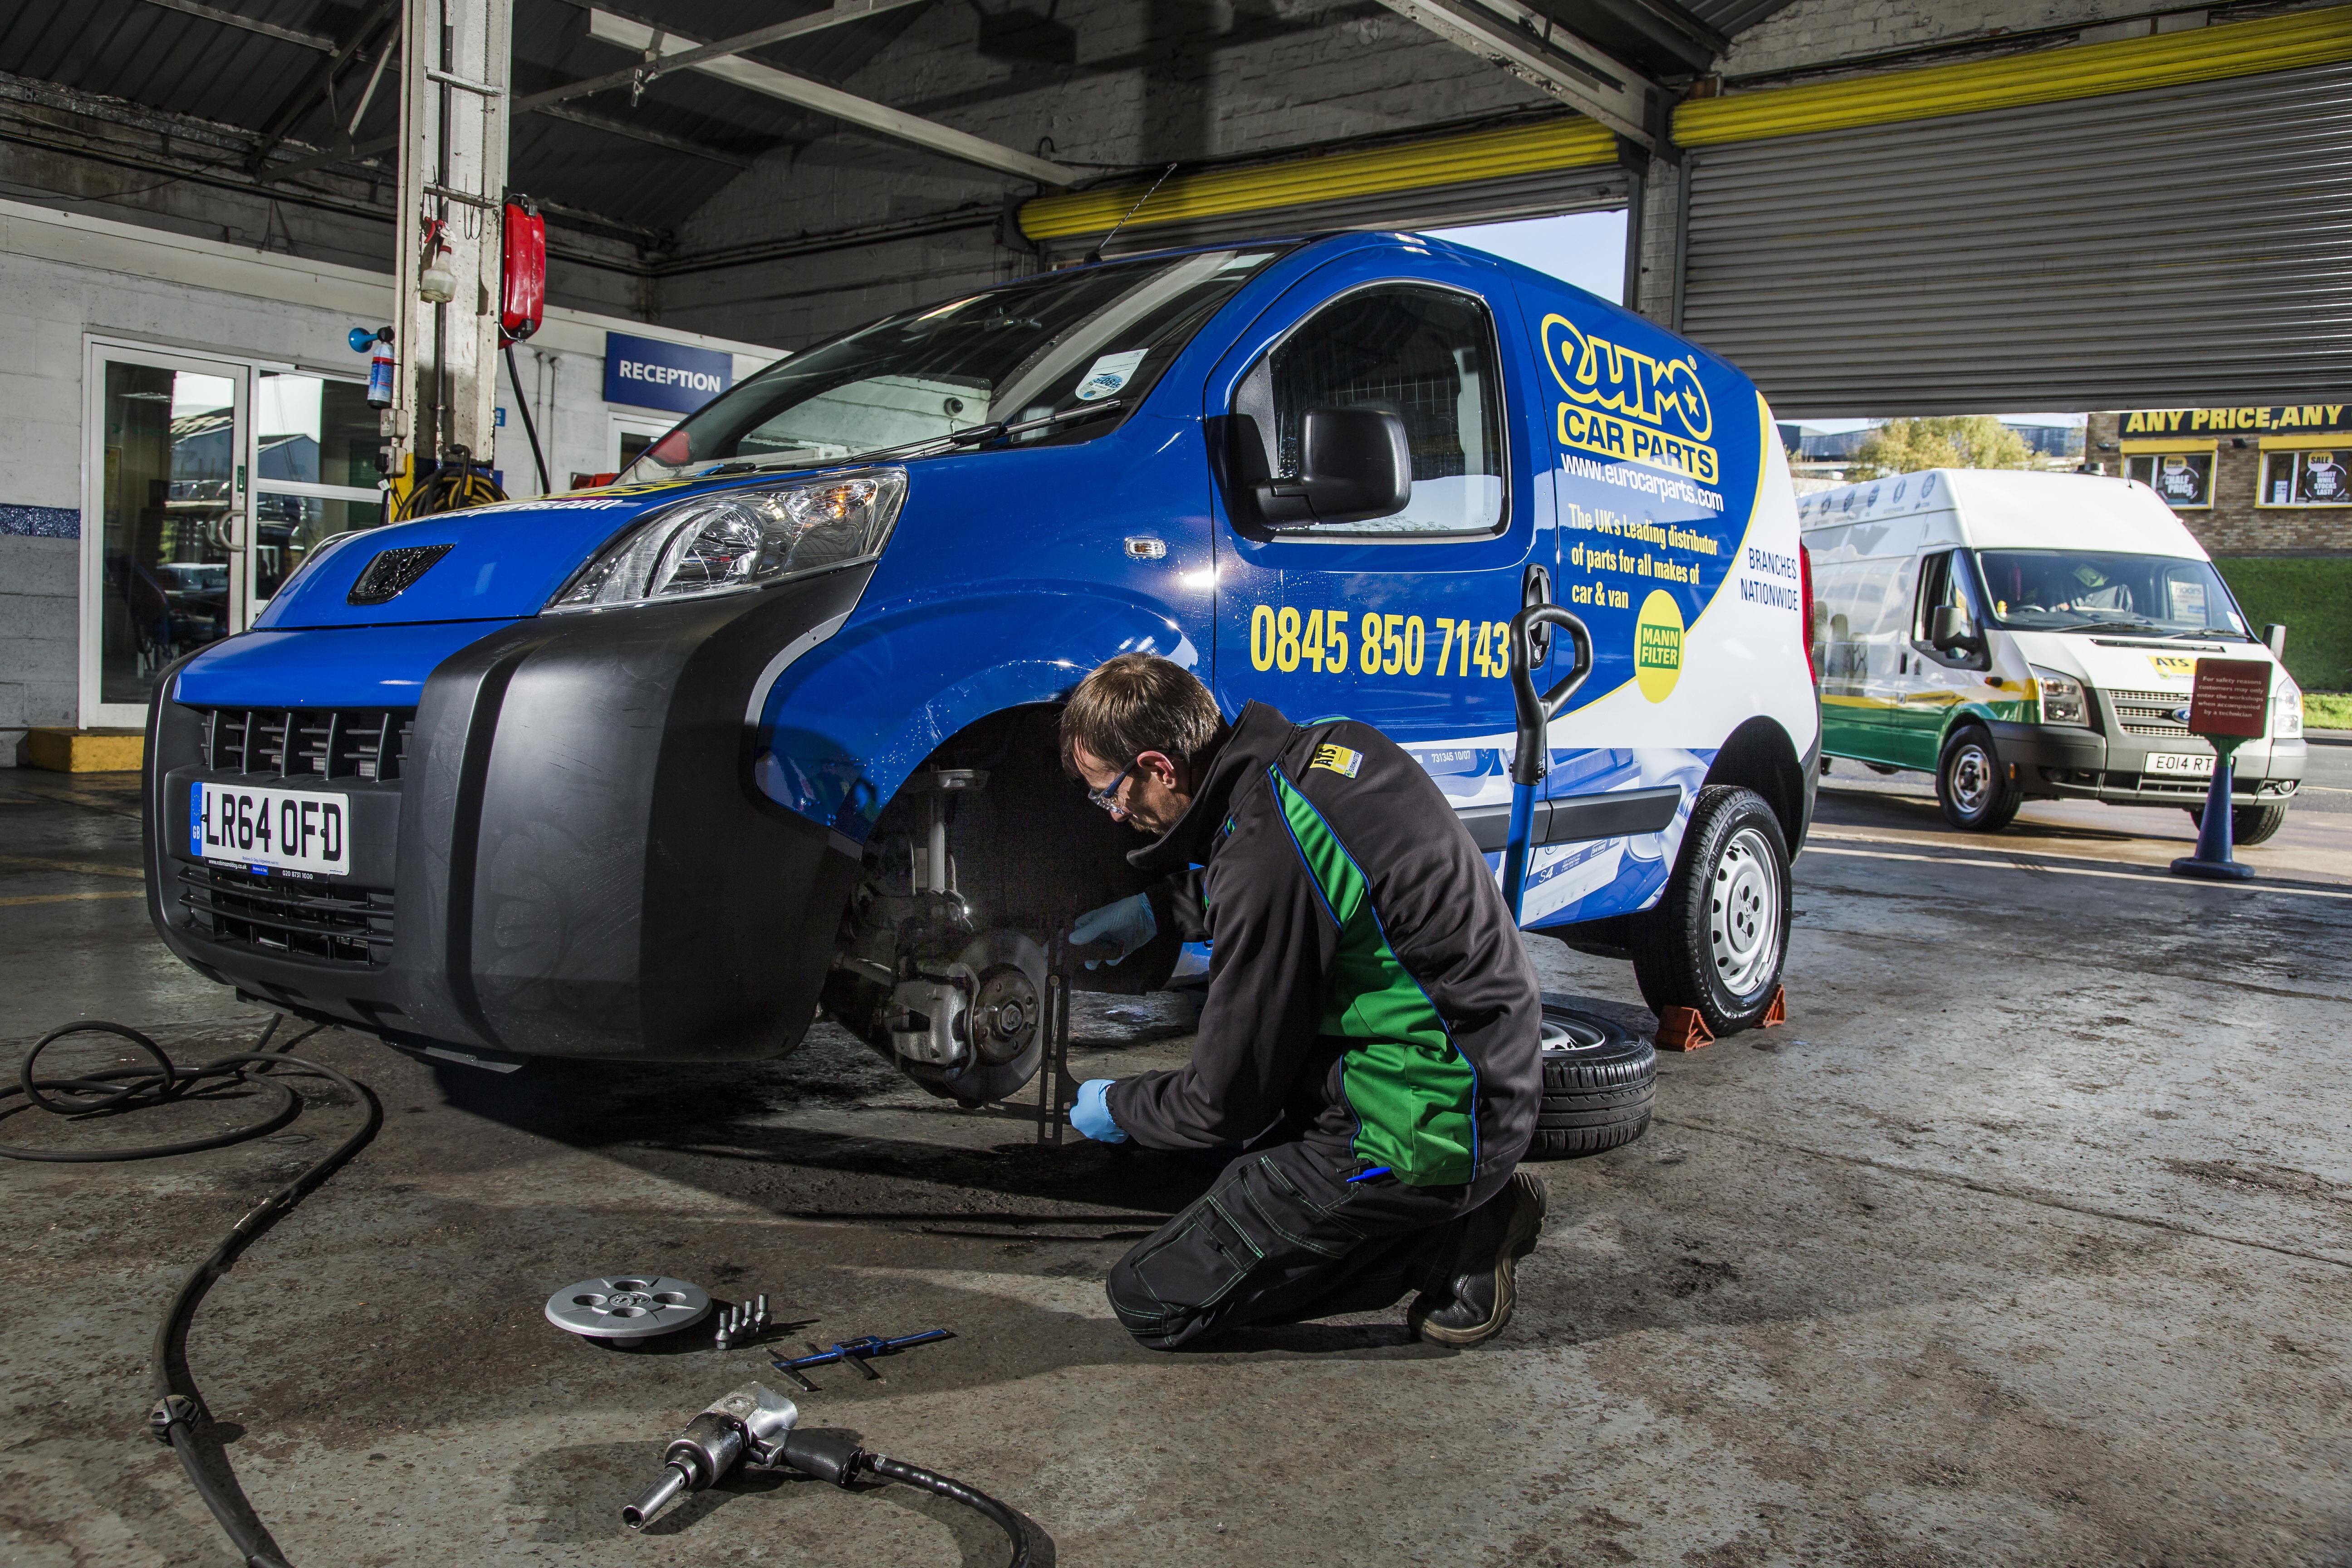 543 7780 Euro Car Parts Ats Euromaster